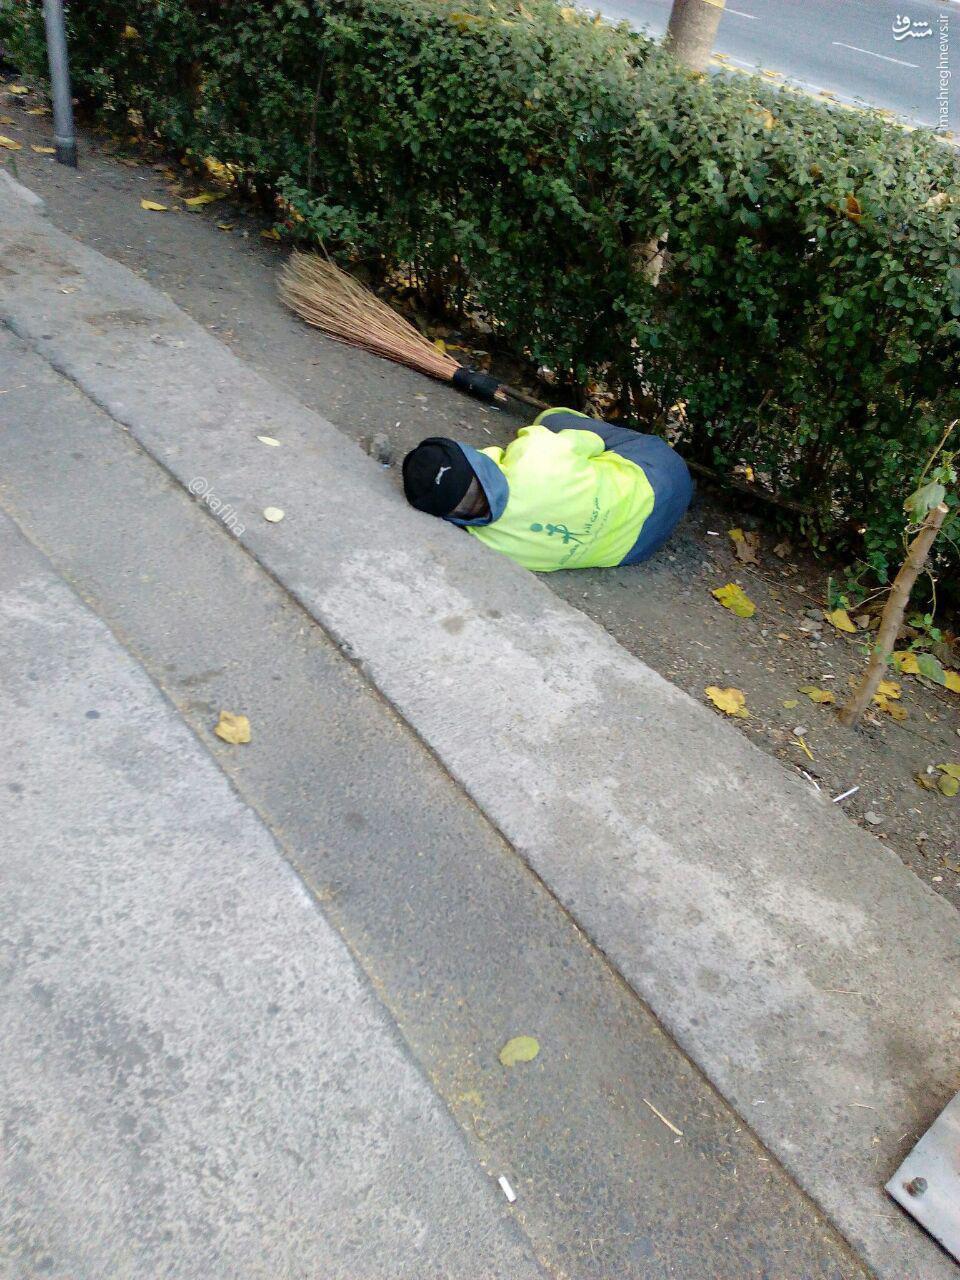 عکس/ خواب آرام مردی زحمت کش